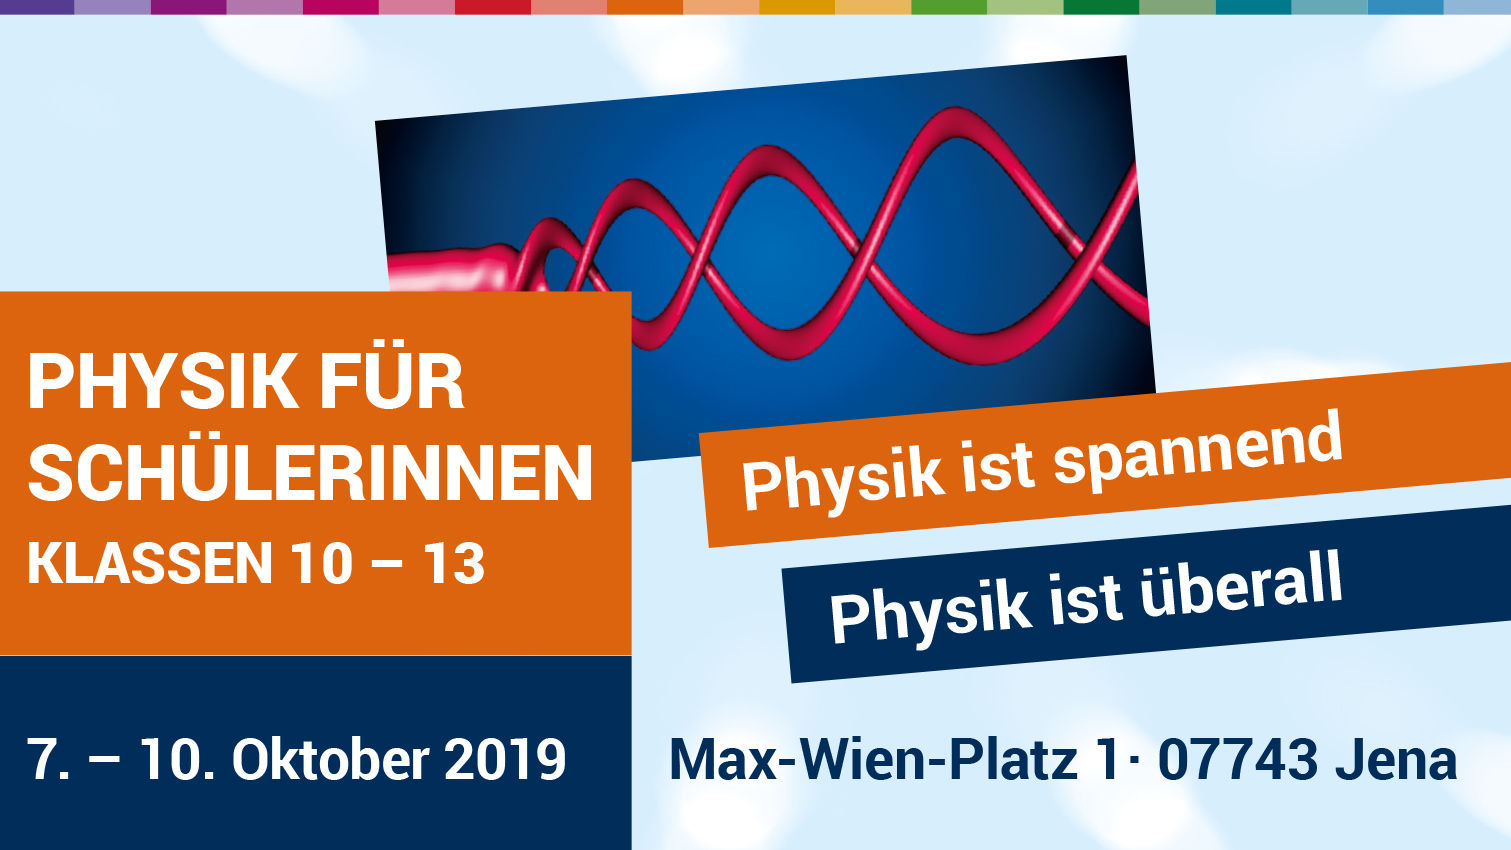 Physik für Schülerinnen an der Friedrich-Schiller-Universität Jena